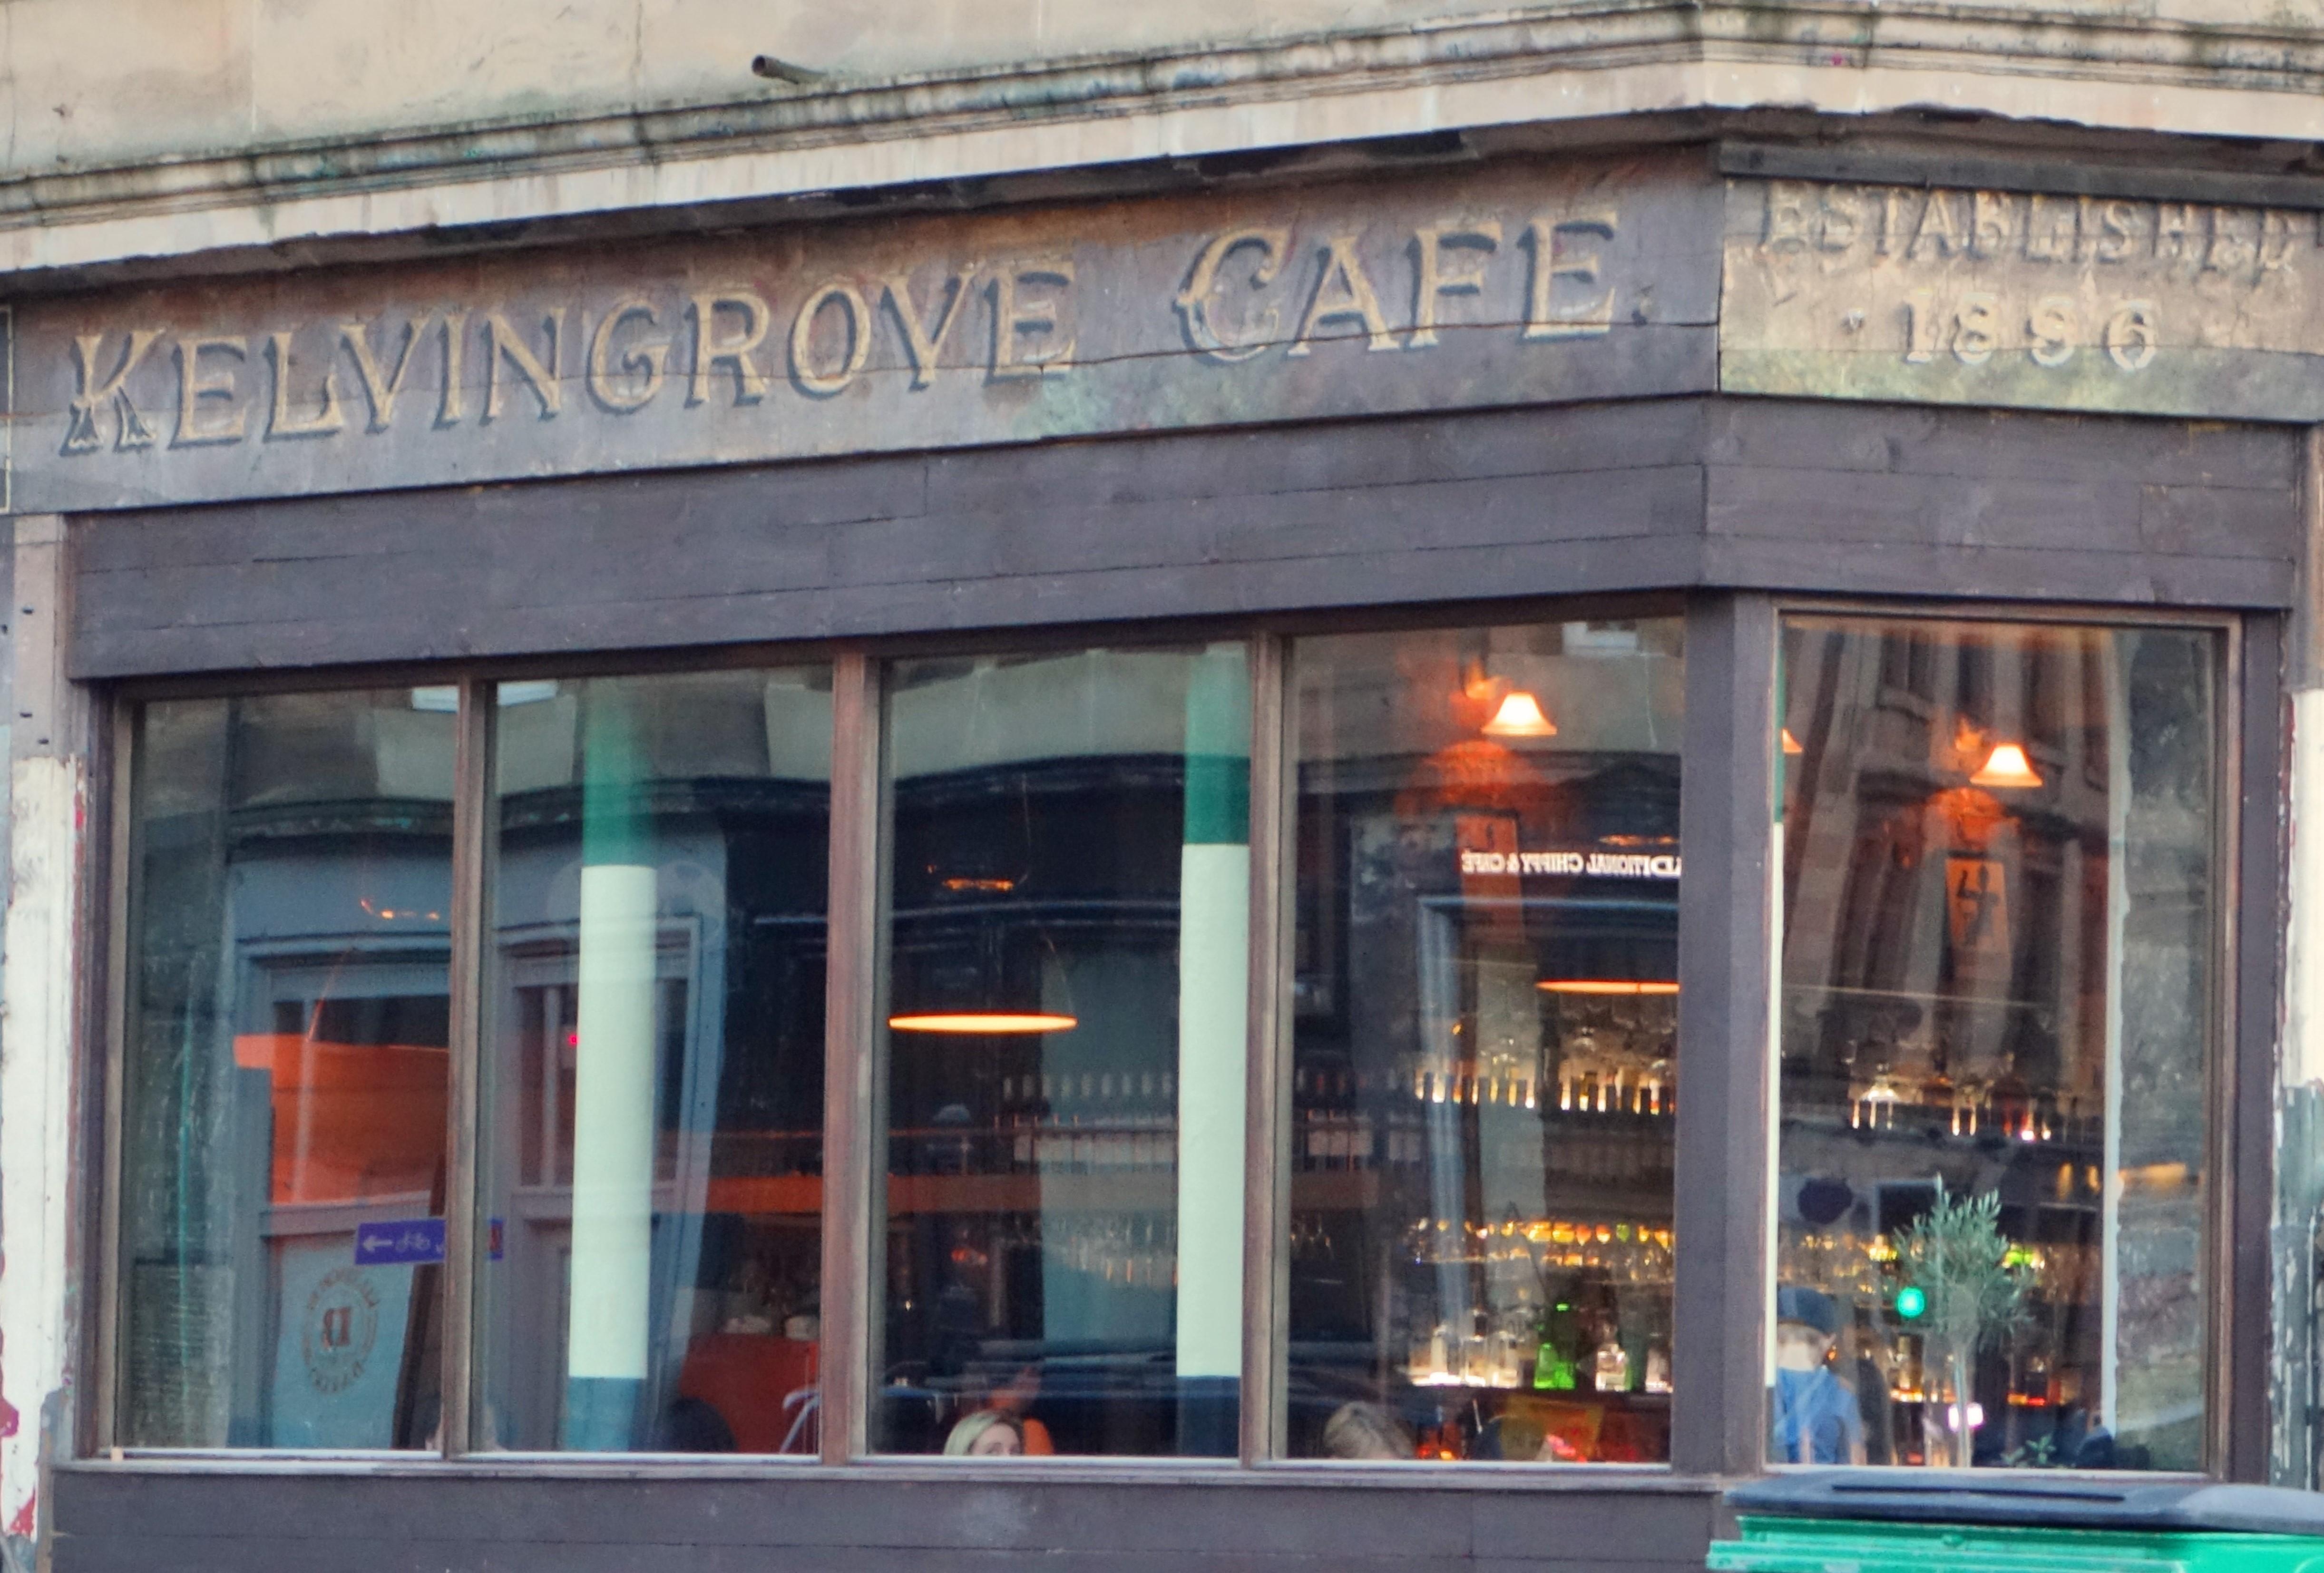 Kelvingrove Cafe (exterior)